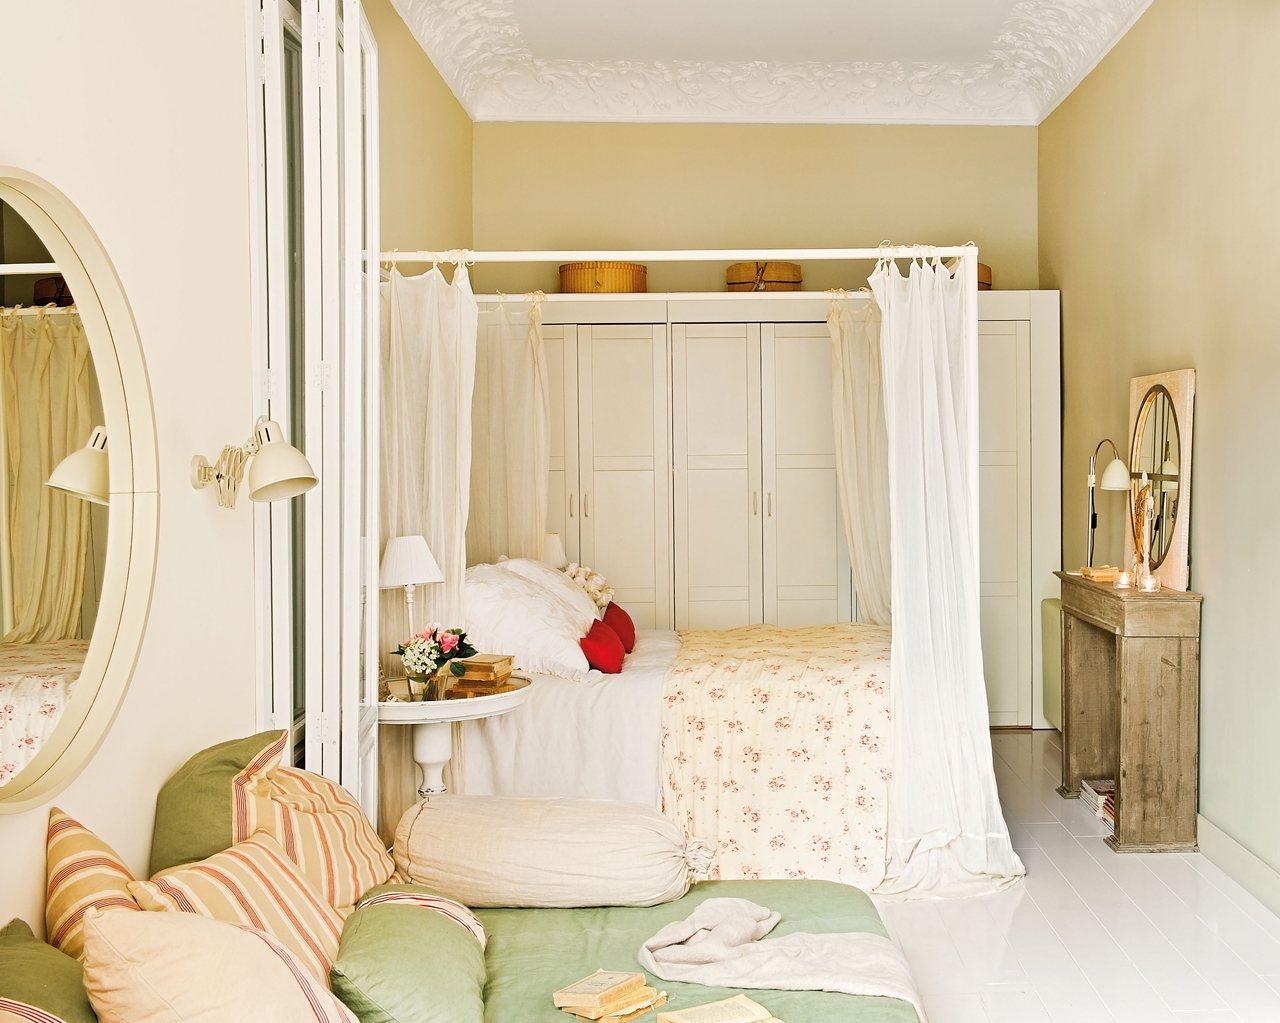 Dormitorio principal desde el chillout. Desde el chill-out